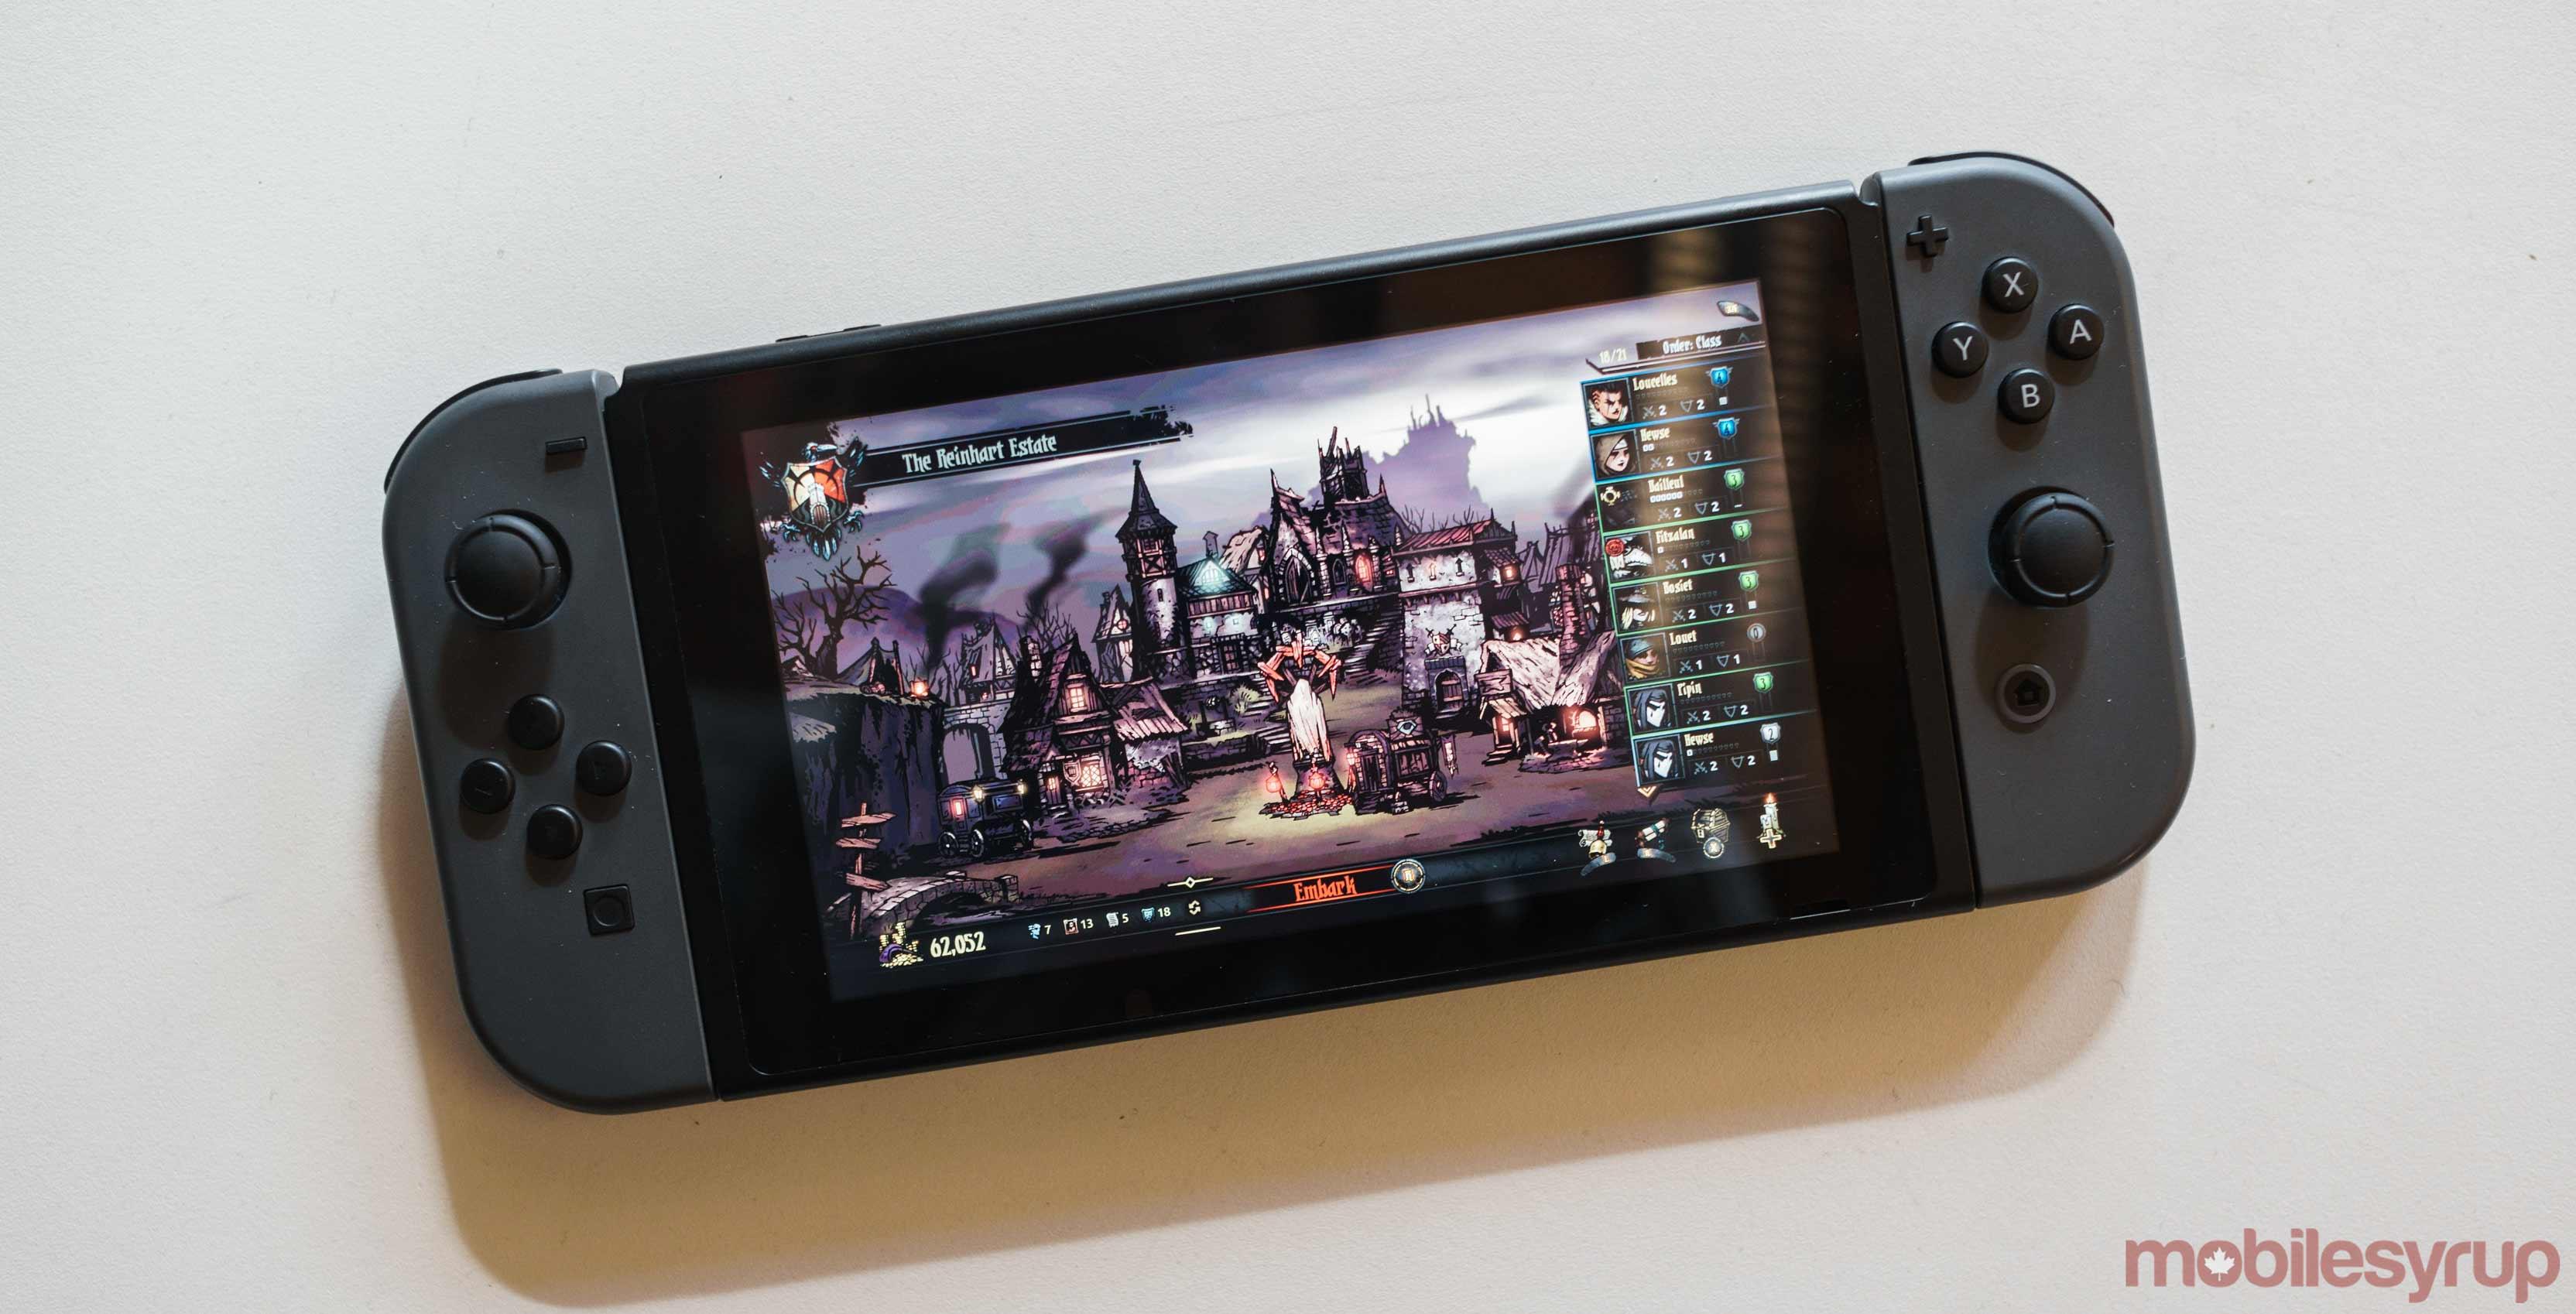 darkest dungeon best trinkets 2020 The Terror of Darkest Dungeon comes to Nintendo Switch [This Week